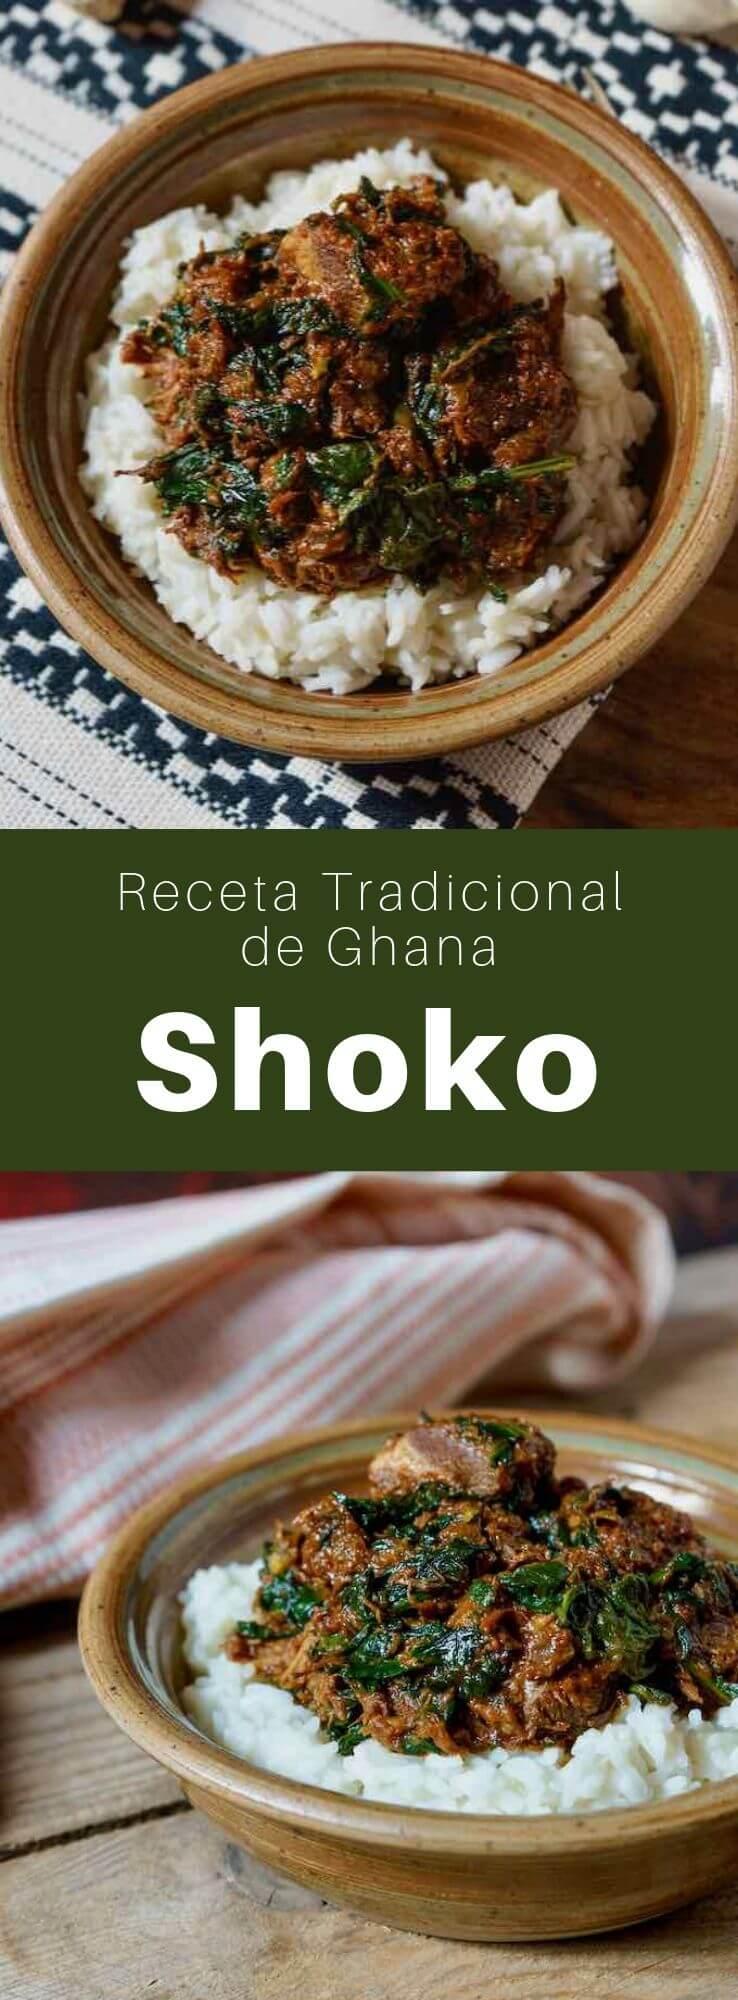 El shoko es un delicioso guiso tradicional de Ghana que se prepara con carne de res, espinacas y tomates.